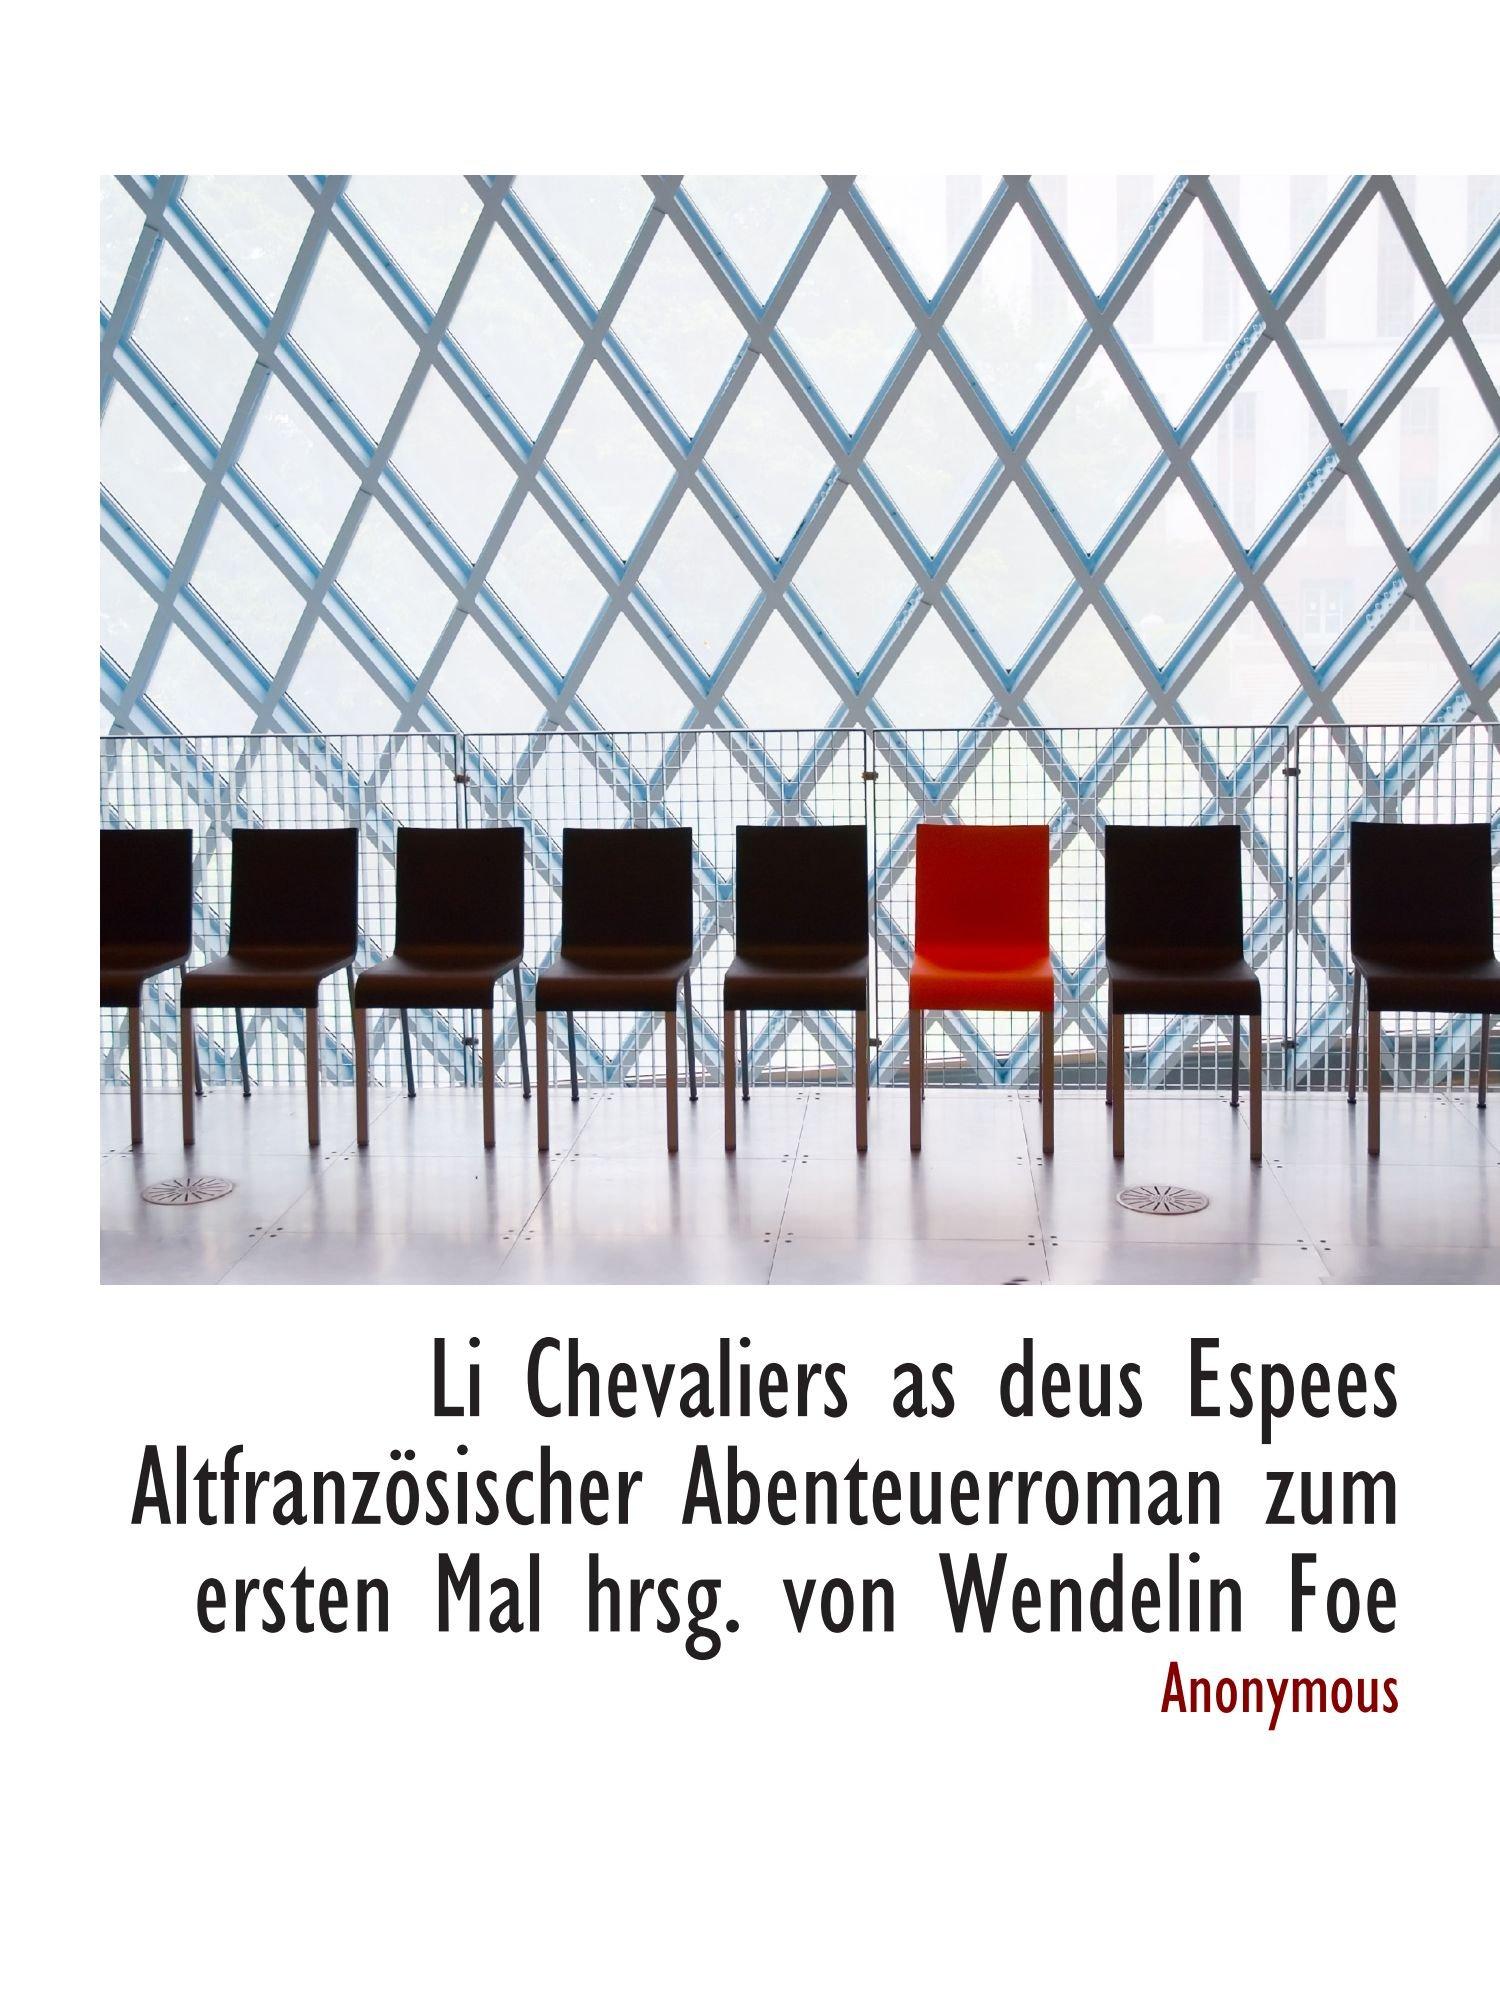 Li Chevaliers as deus Espees Altfranzösischer Abenteuerroman zum ersten Mal hrsg. von Wendelin Foe (French Edition) pdf epub